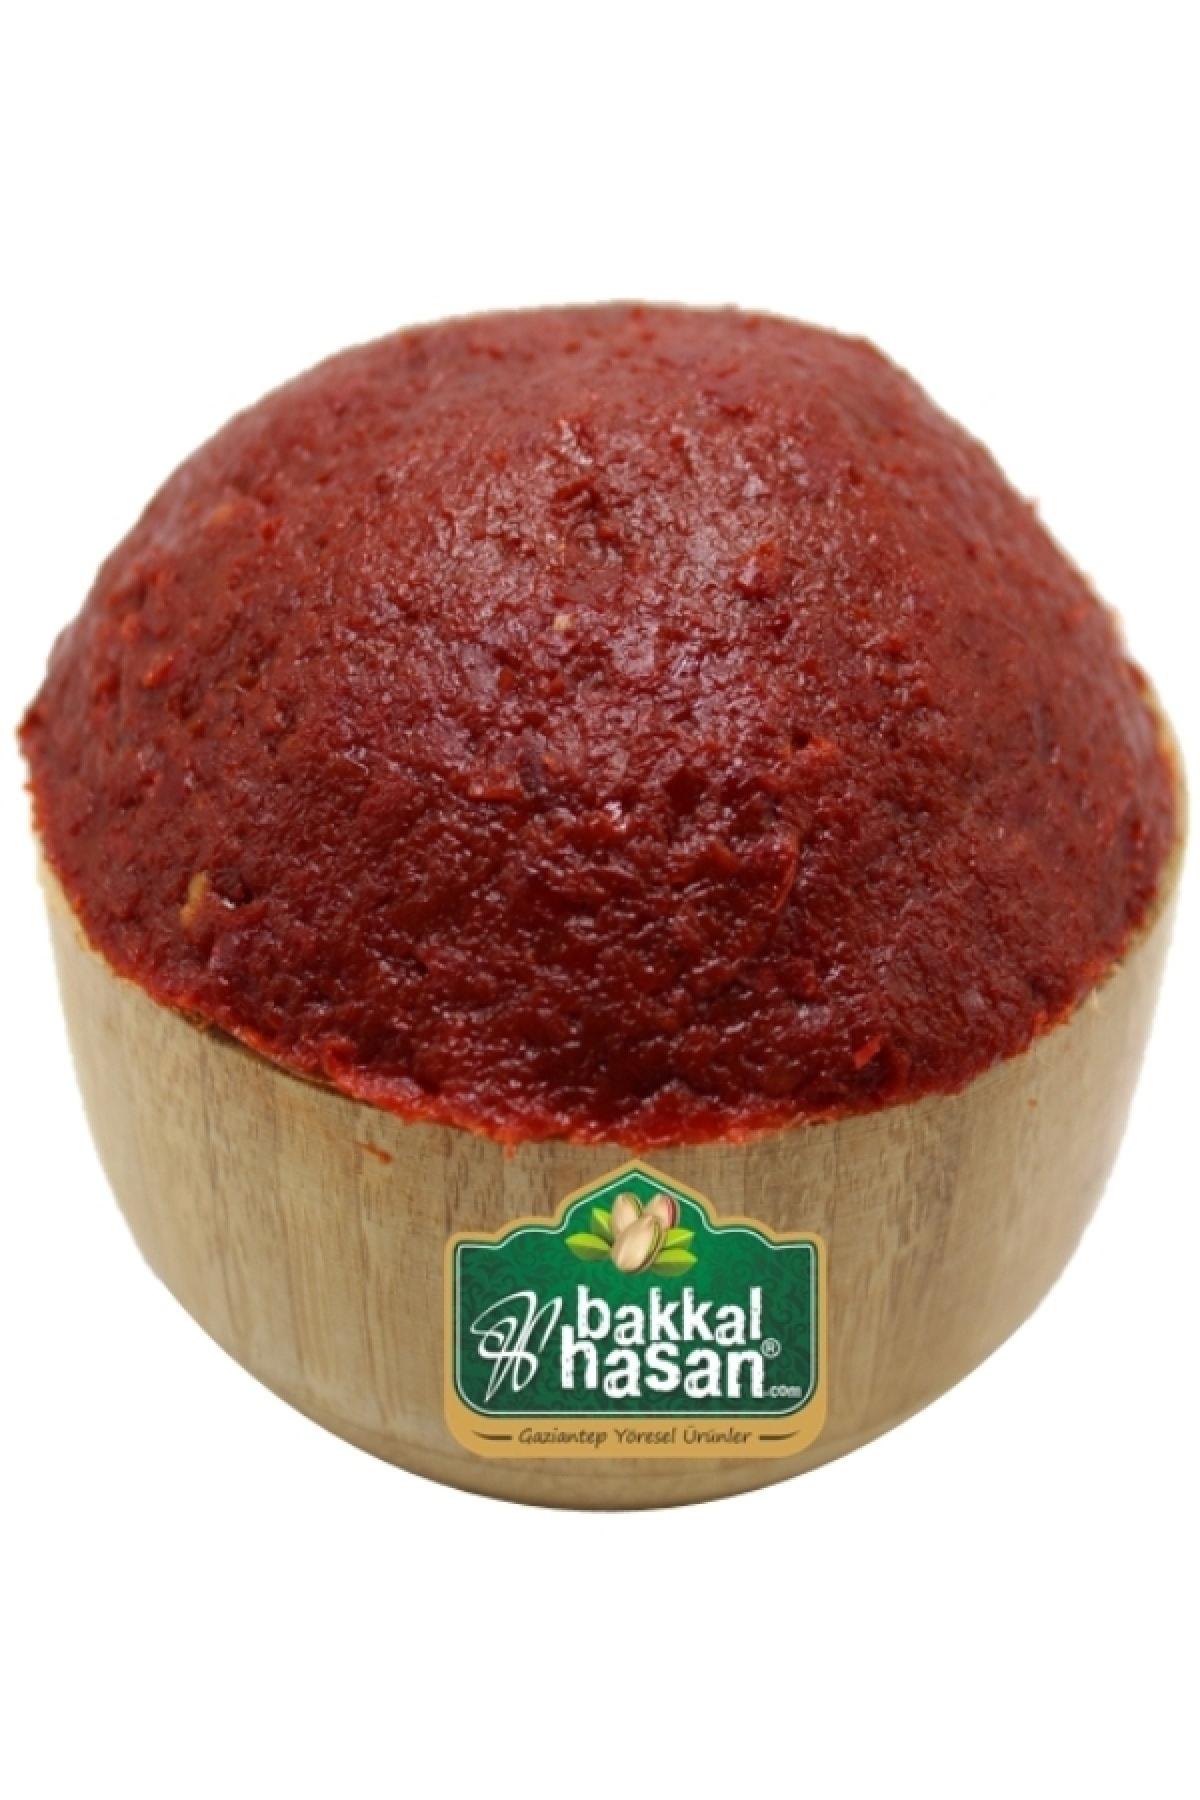 Bakkal Hasan Gaziantep Salça Acı Biber Halis - 20 Kg 1